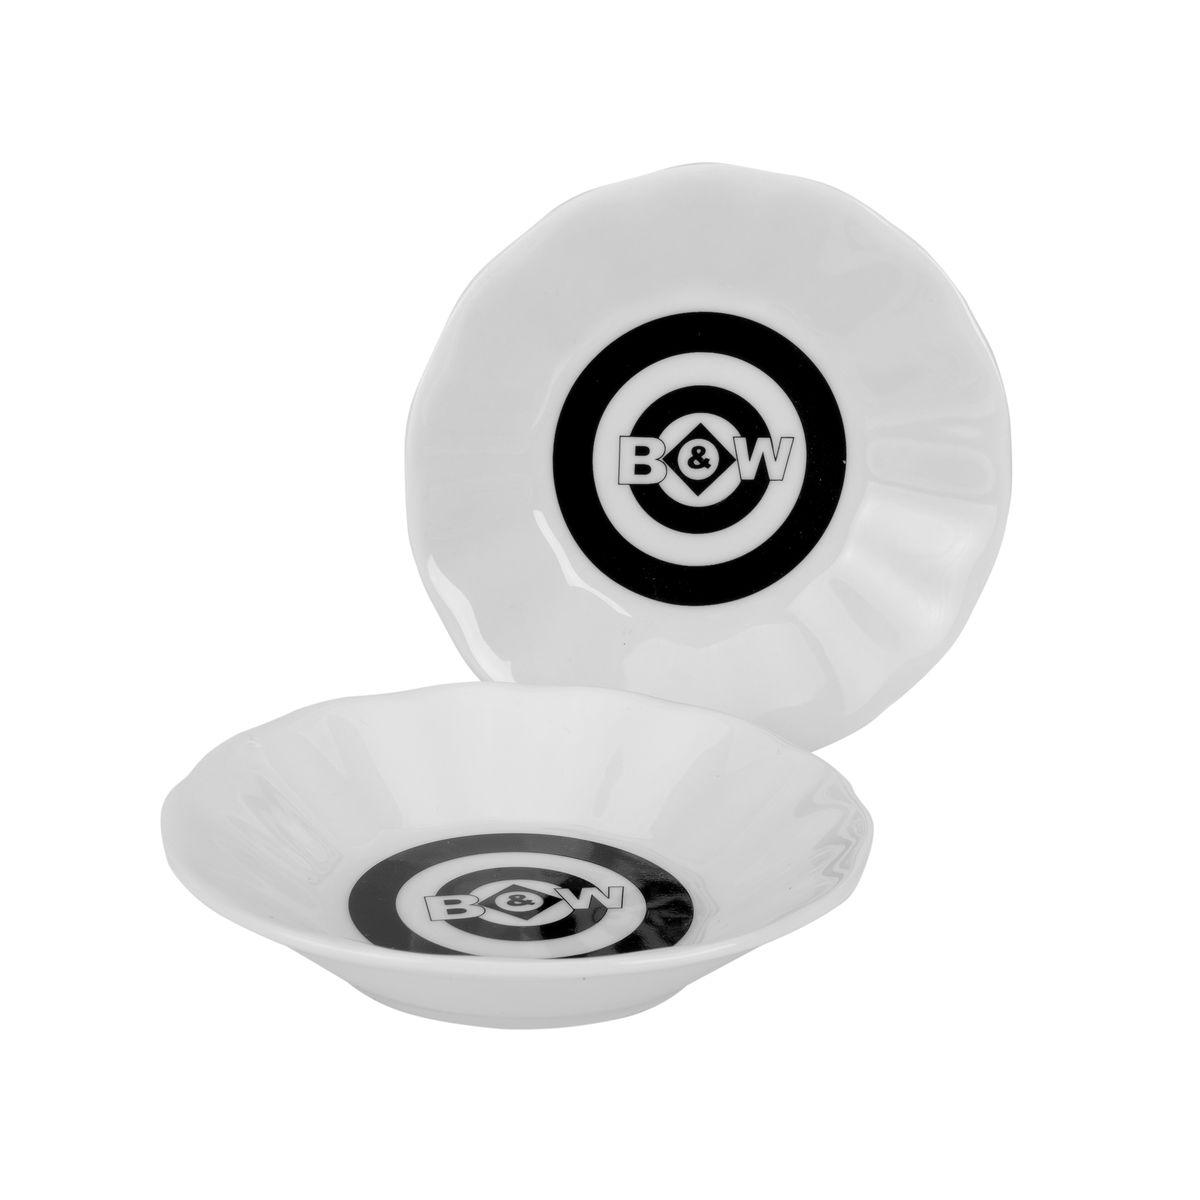 Набор подставок для чайных пакетиков GiftLand Black&White, цвет: черный, белый, 6 шт8529Набор подставок для чайных пакетиков GiftLand Black&White, изготовленный из фарфора, порадует вас оригинальностью и дизайном. Подставки выполнены в форме блюдечка и декорированы черно-белым рисунком. В наборе - 4 подставки.Подставки, несомненно, понравятся любой хозяйке, а кухонный стол всегда будет чистым, без нежелательных разводов от чайных пакетиков. Изделия также можно использовать в качестве тарелок для меда и джема.Диаметр подставки: 10,5 см.Высота подставки: 2,3 см.